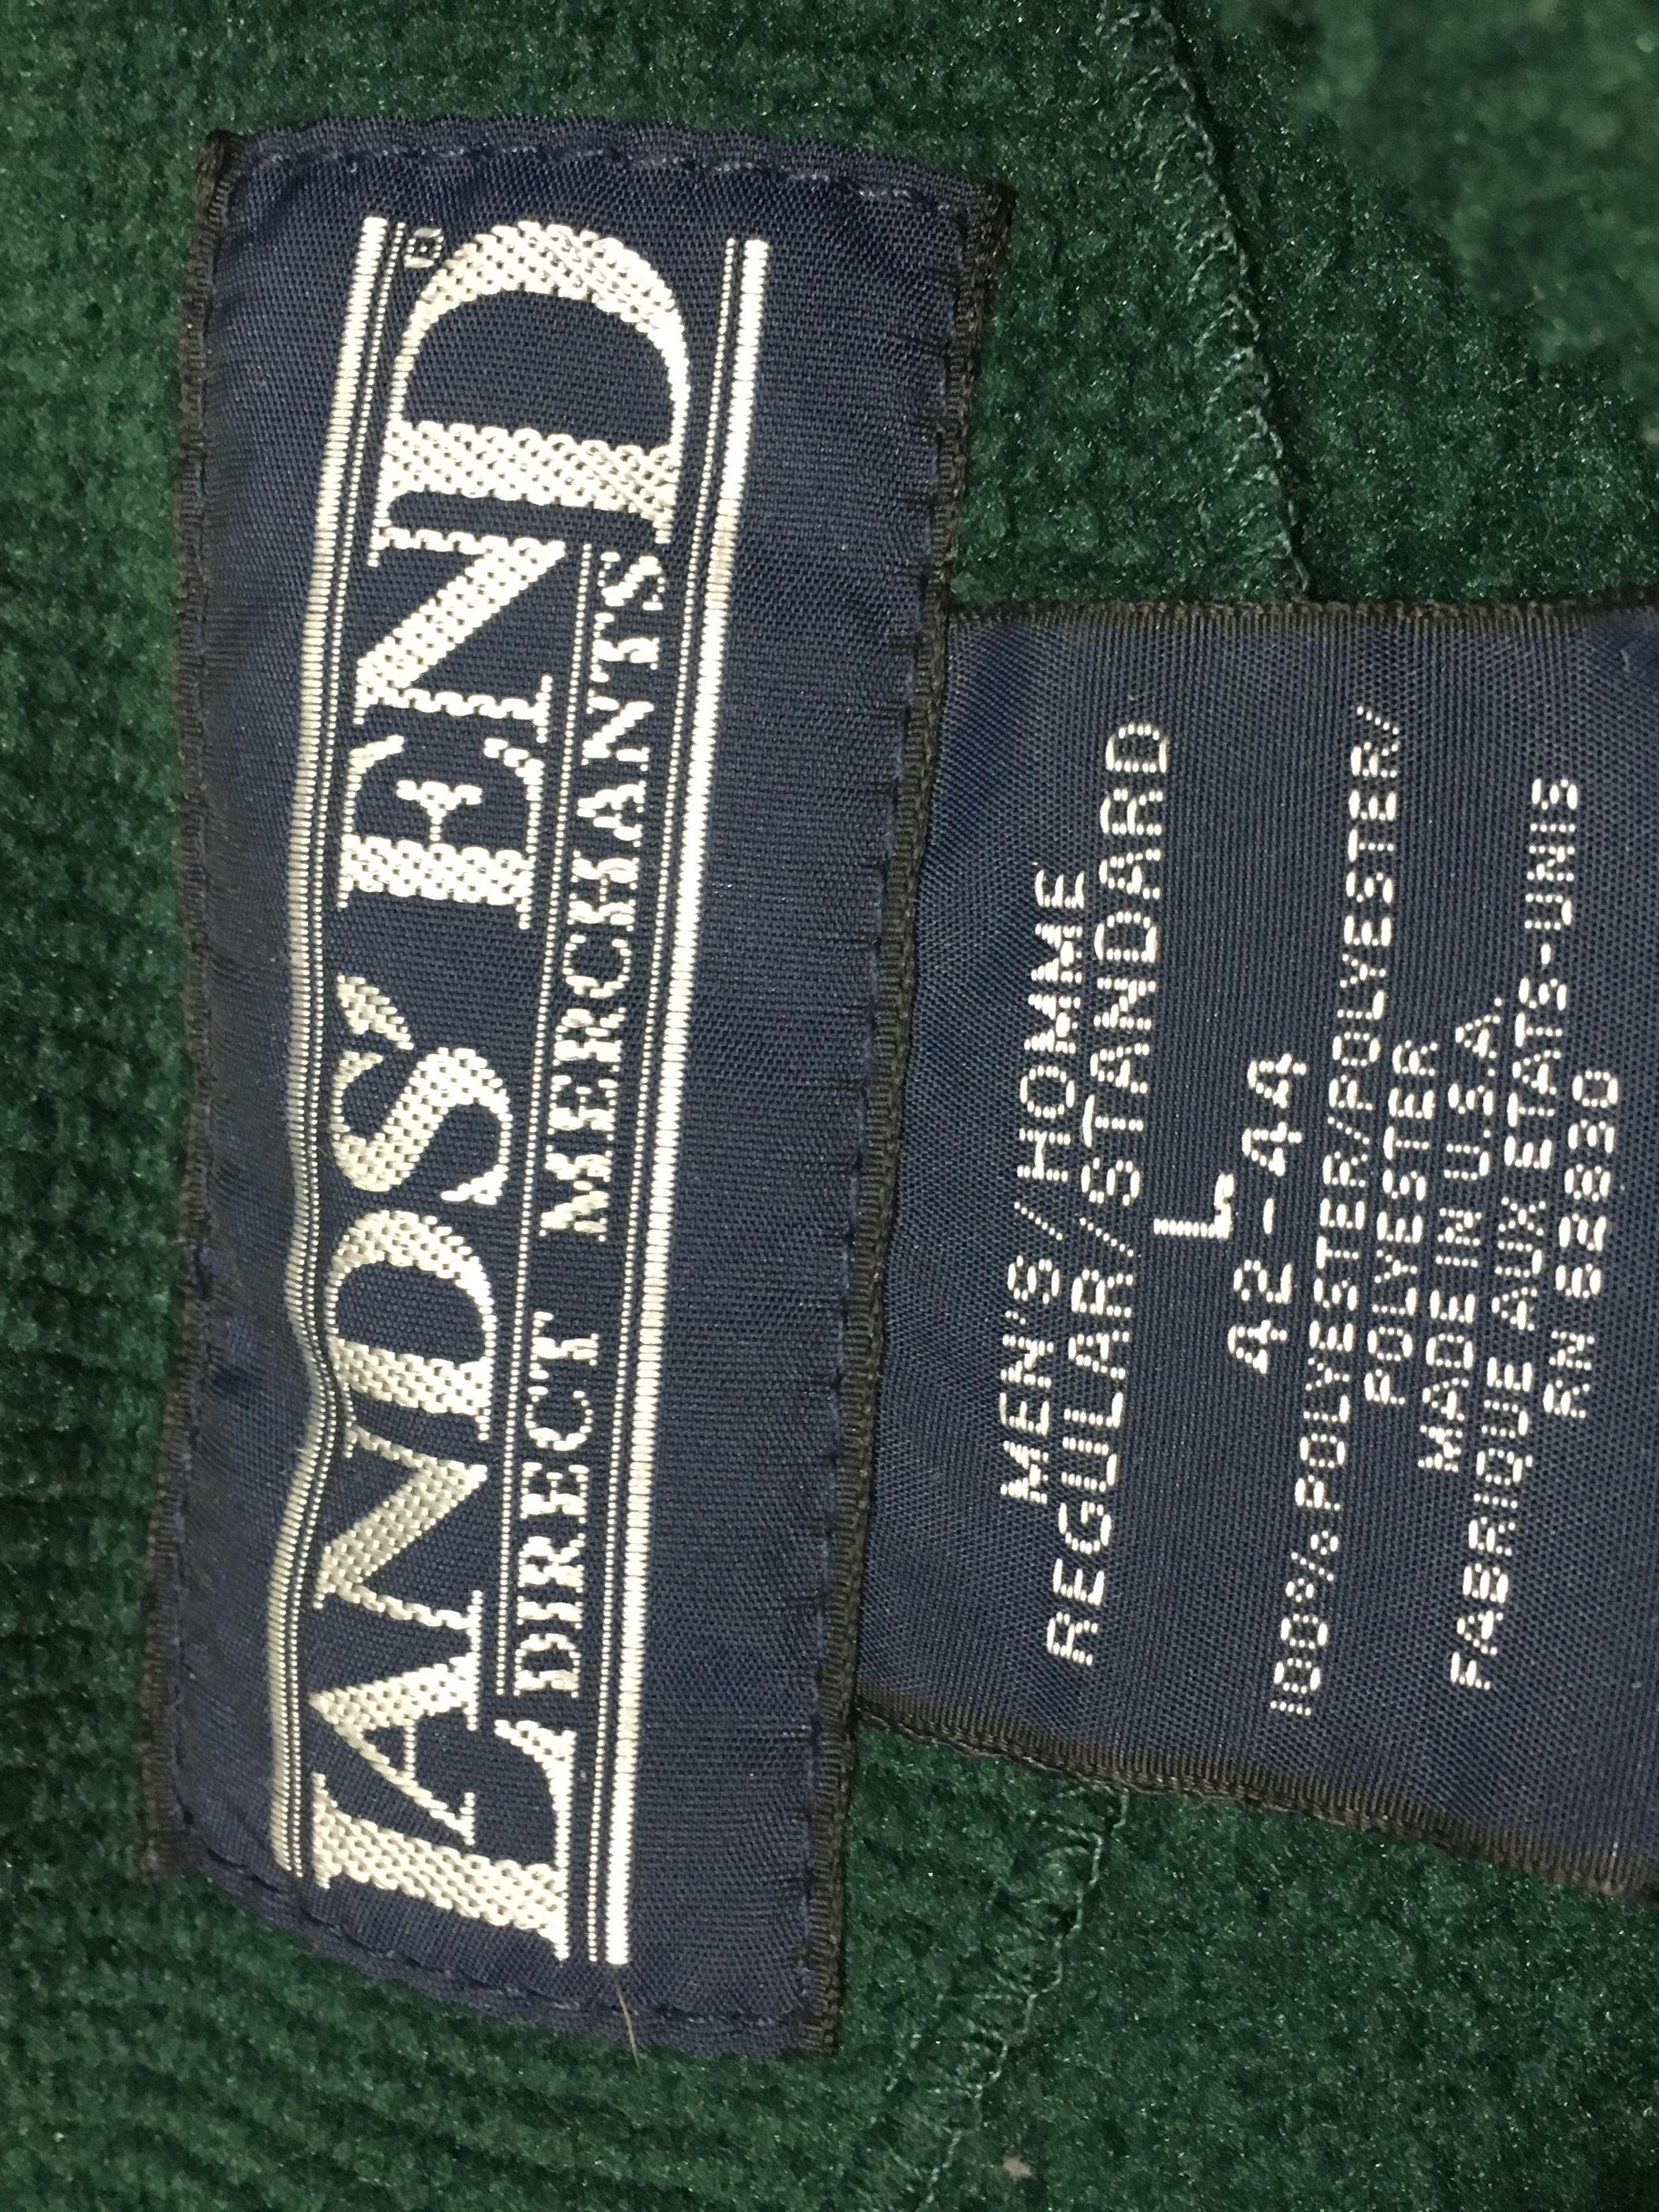 LANDS' END fleace jacket